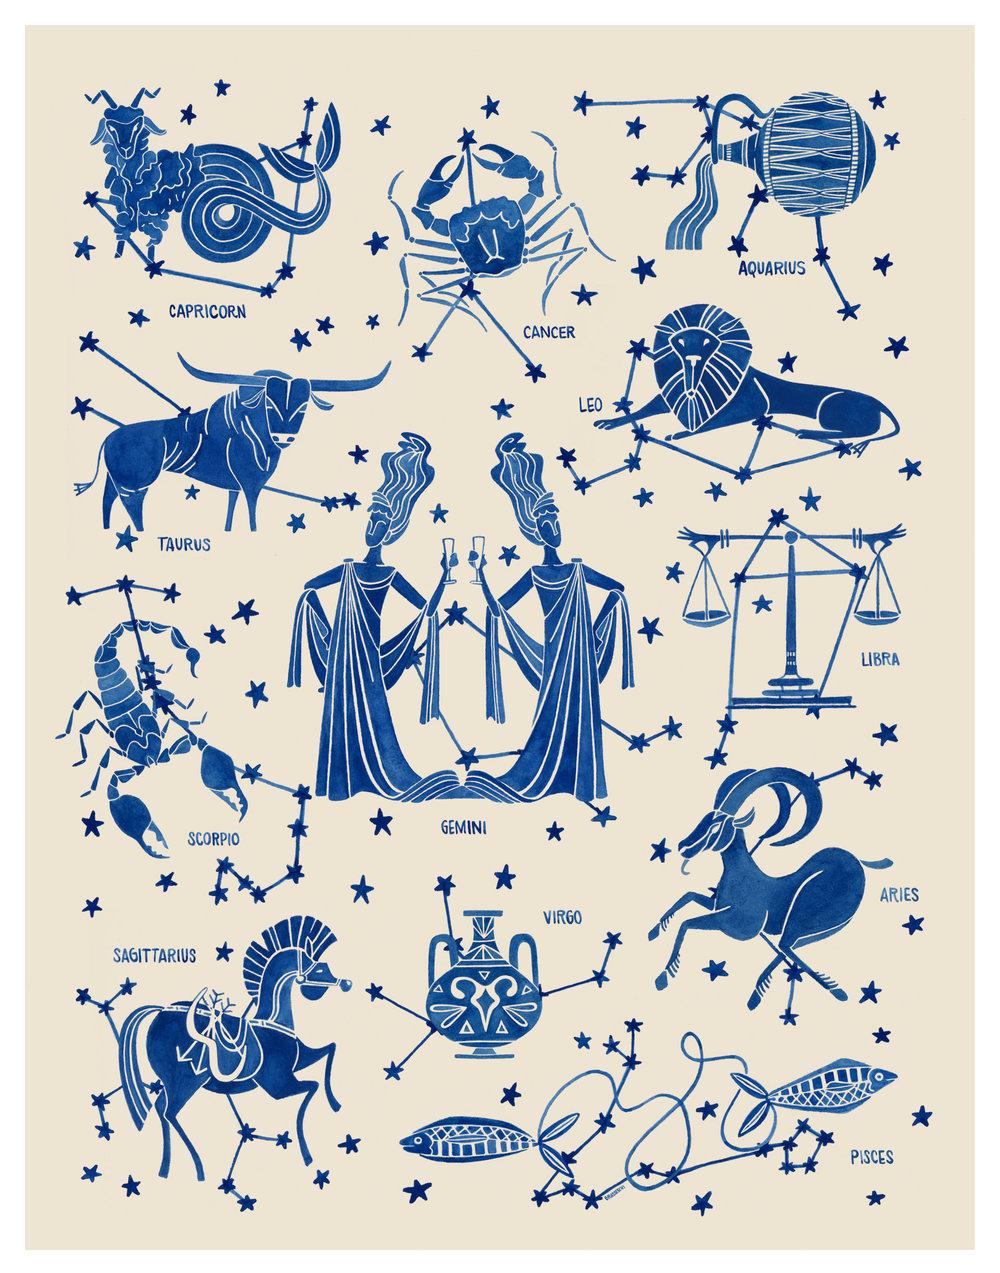 zodiacchart - As previsões astrológicas para 2018 preferidas da nossa editora